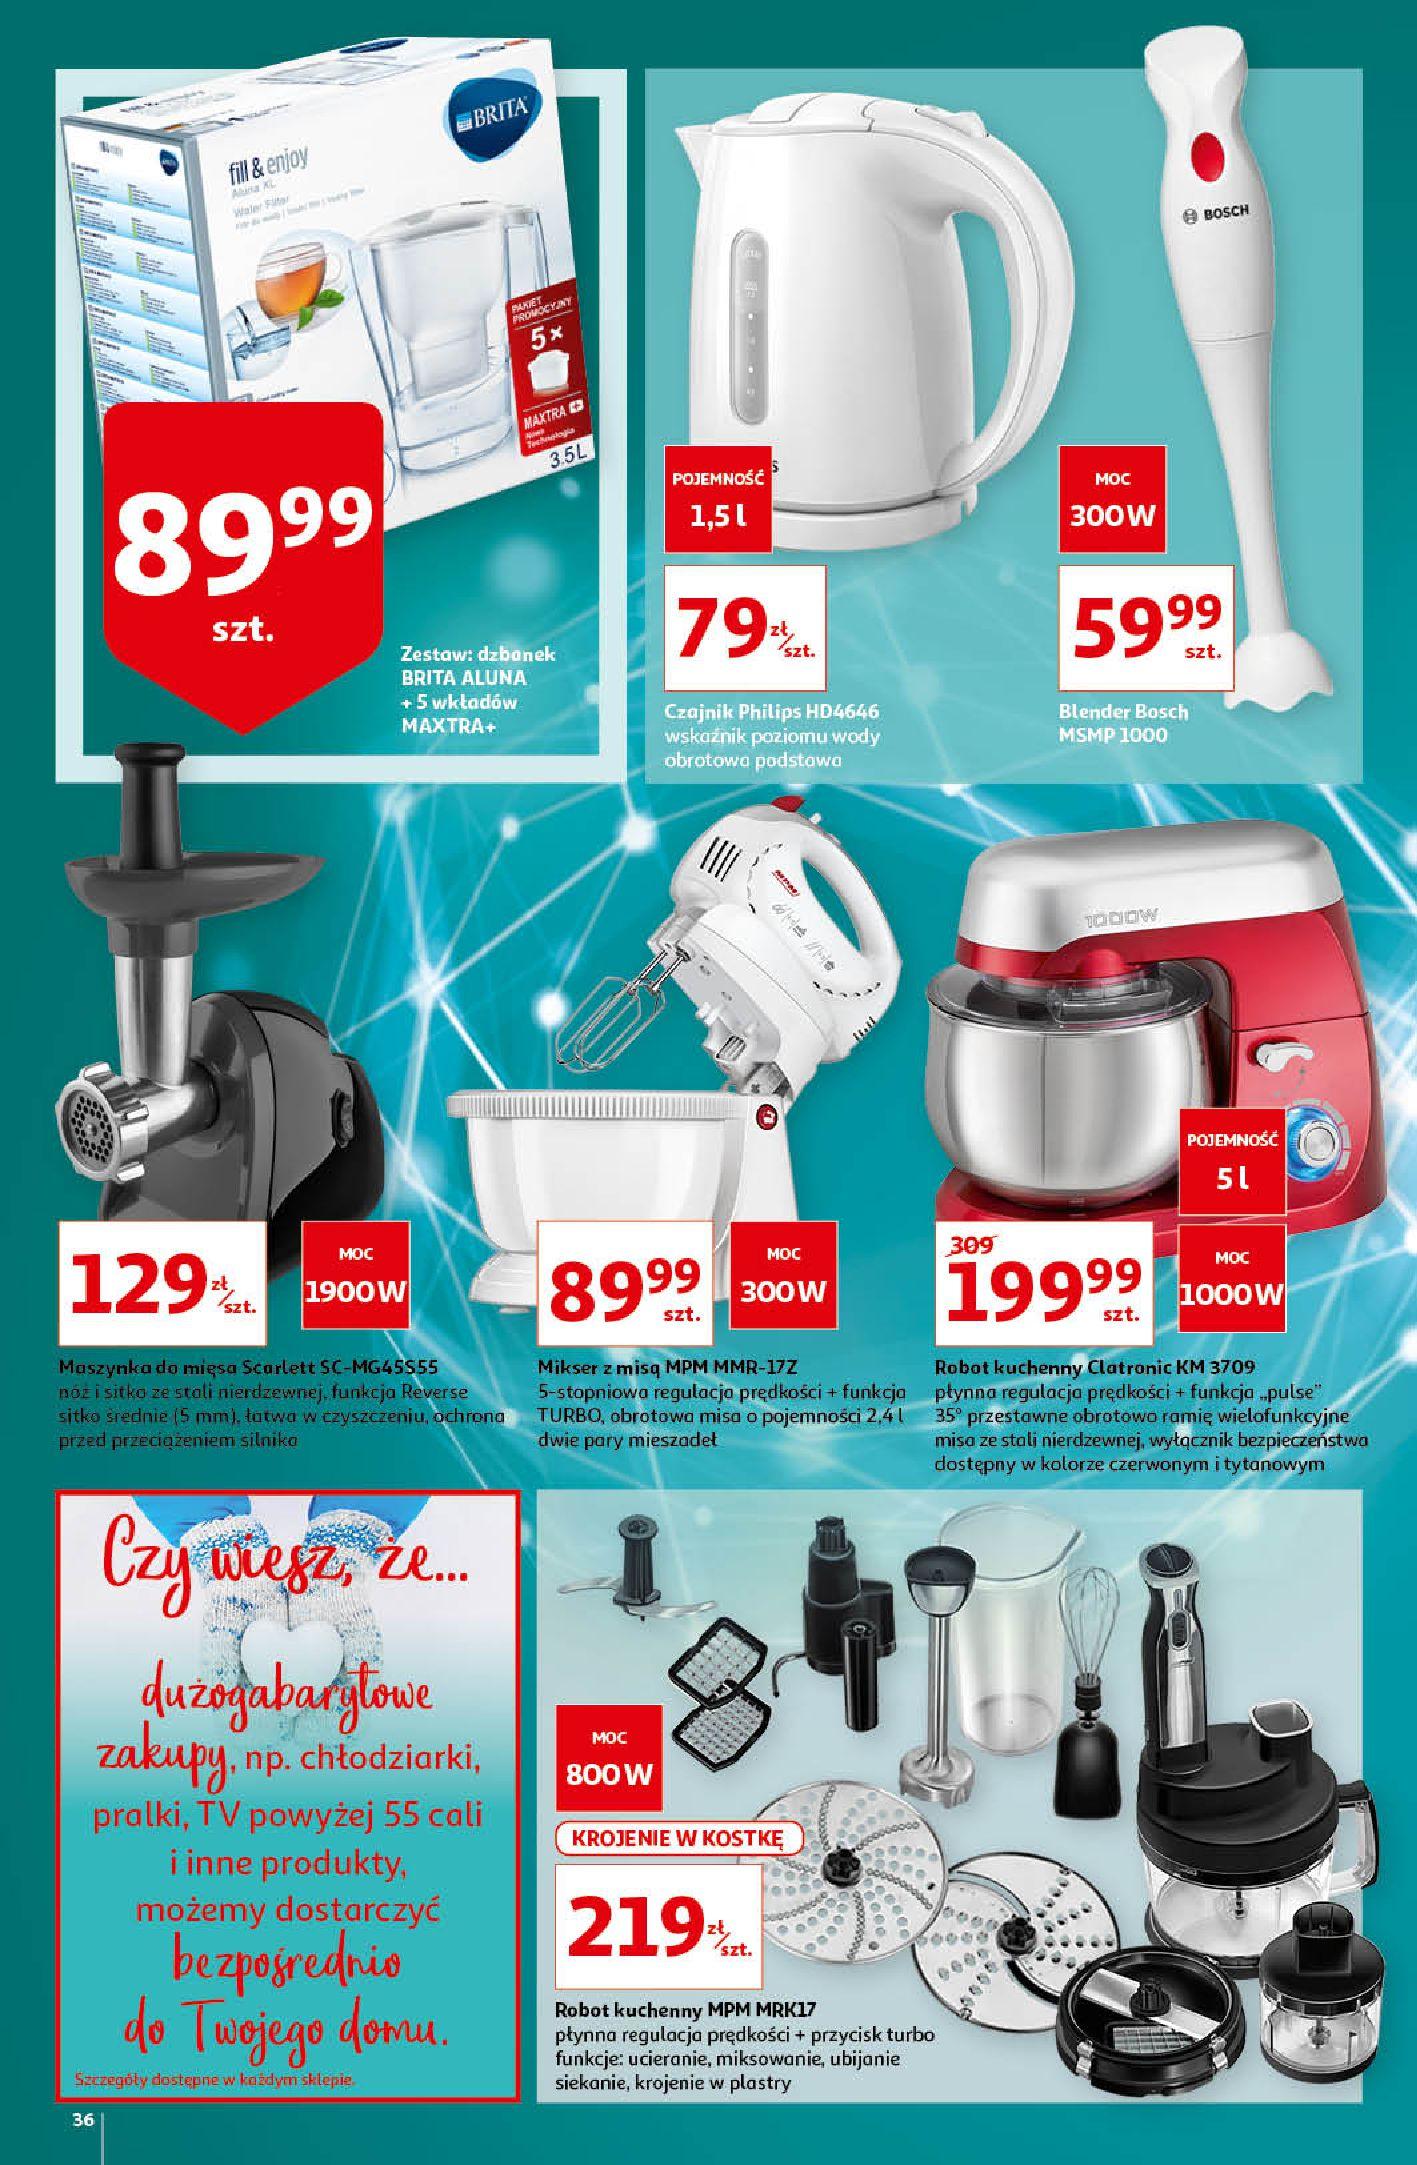 Gazetka Auchan - A love You Hipermarkety-12.02.2020-19.02.2020-page-36